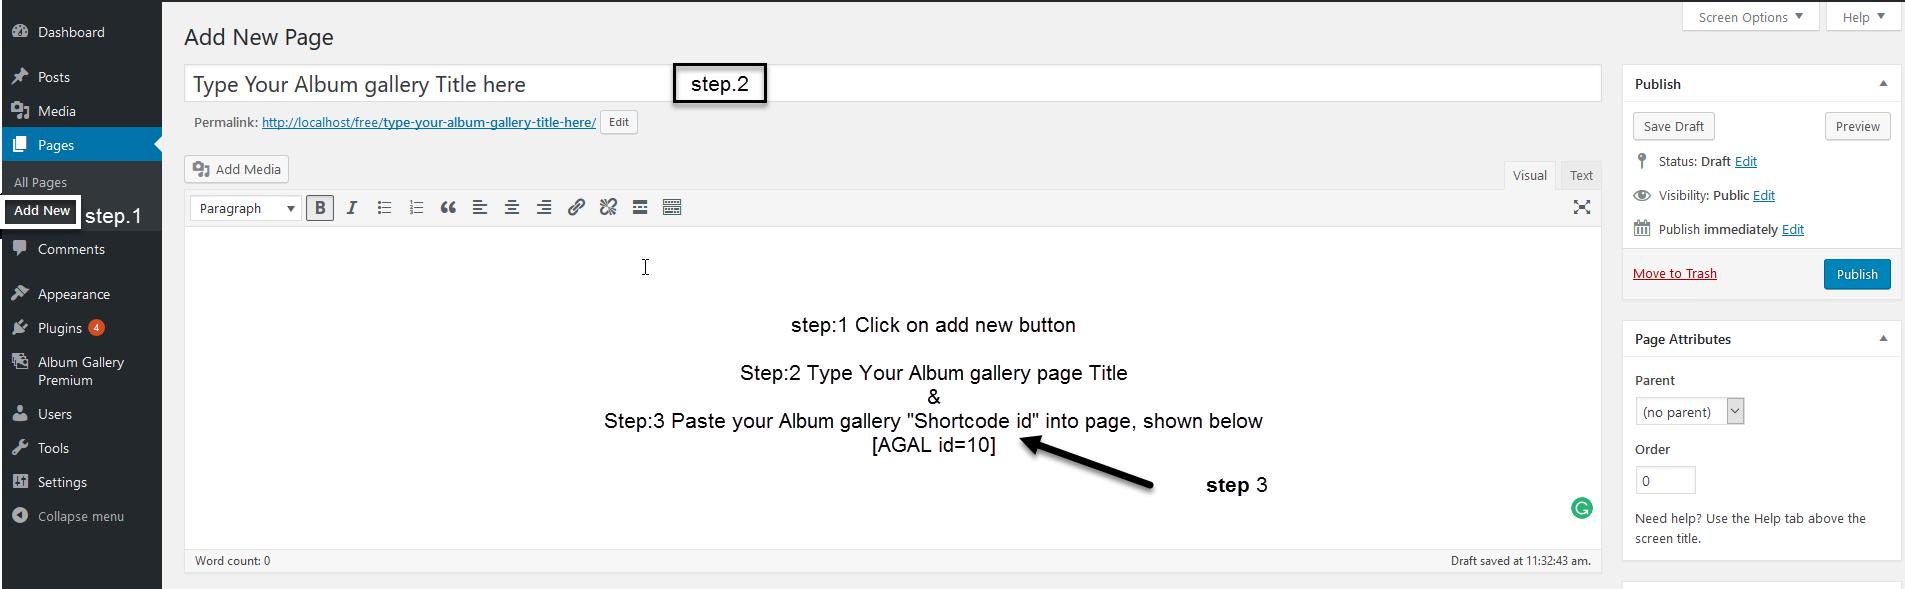 create album gallery premium 12